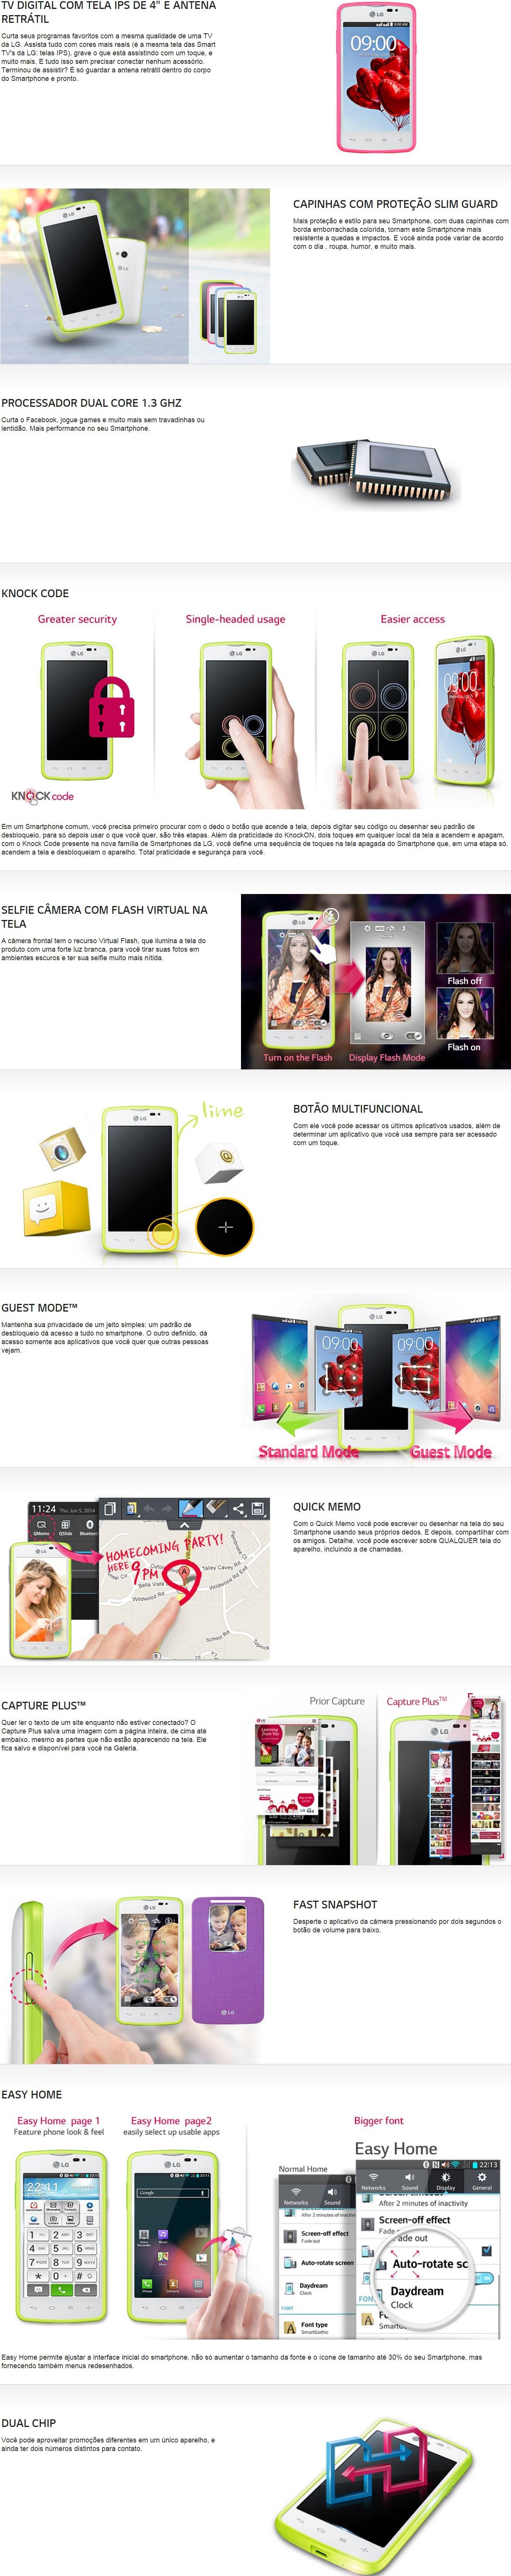 57711a2baef O Smartphone L50 Sporty Dual da LG possui TV Digital integrada para você  assistir seus programas favoritos em qualquer lugar. Conta com tela de 4